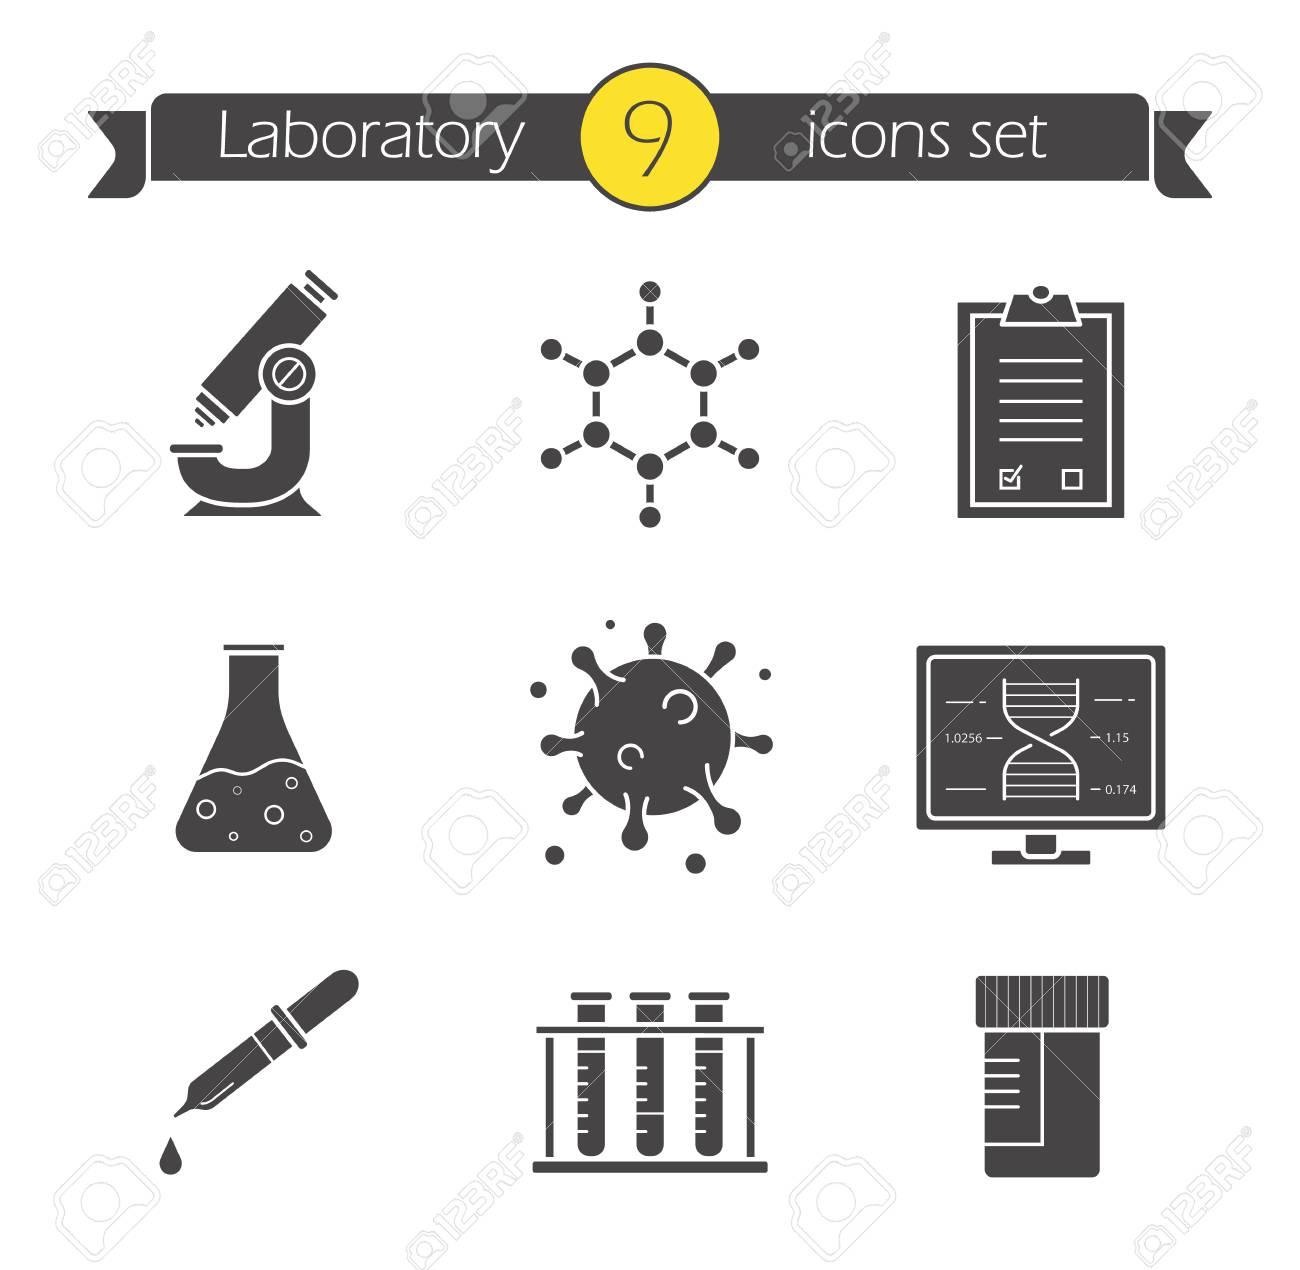 Conjunto De Iconos De Laboratorio De Ciencia Símbolos De Silueta Microscopio Estructura Molecular Lista De Comprobación De Pruebas Vaso De